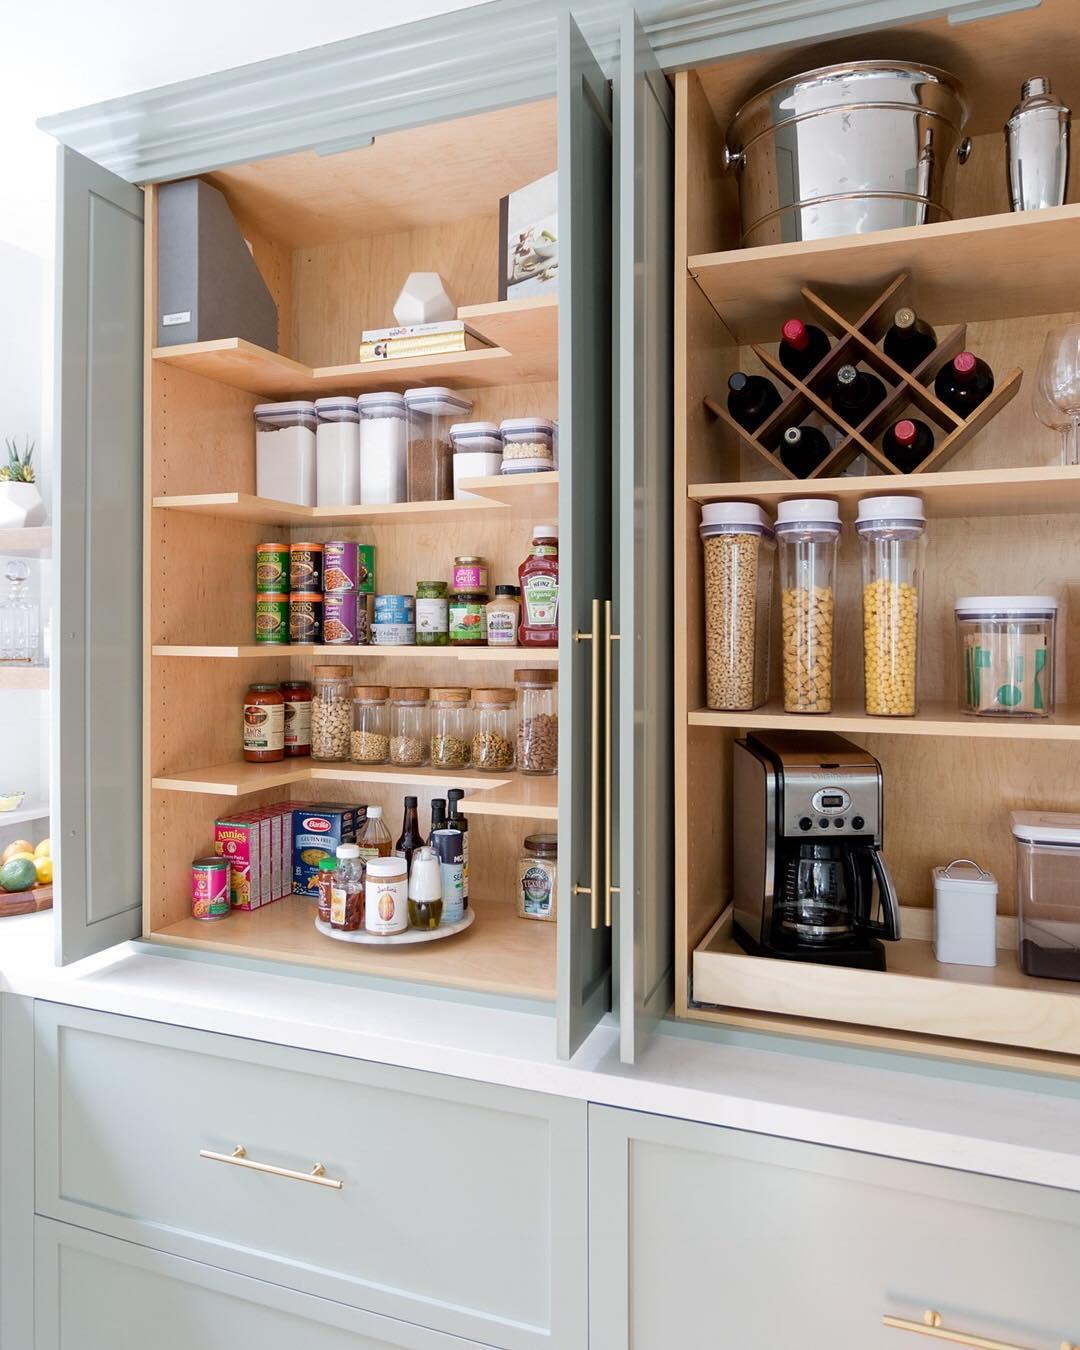 организация хранения на кухне фото 1